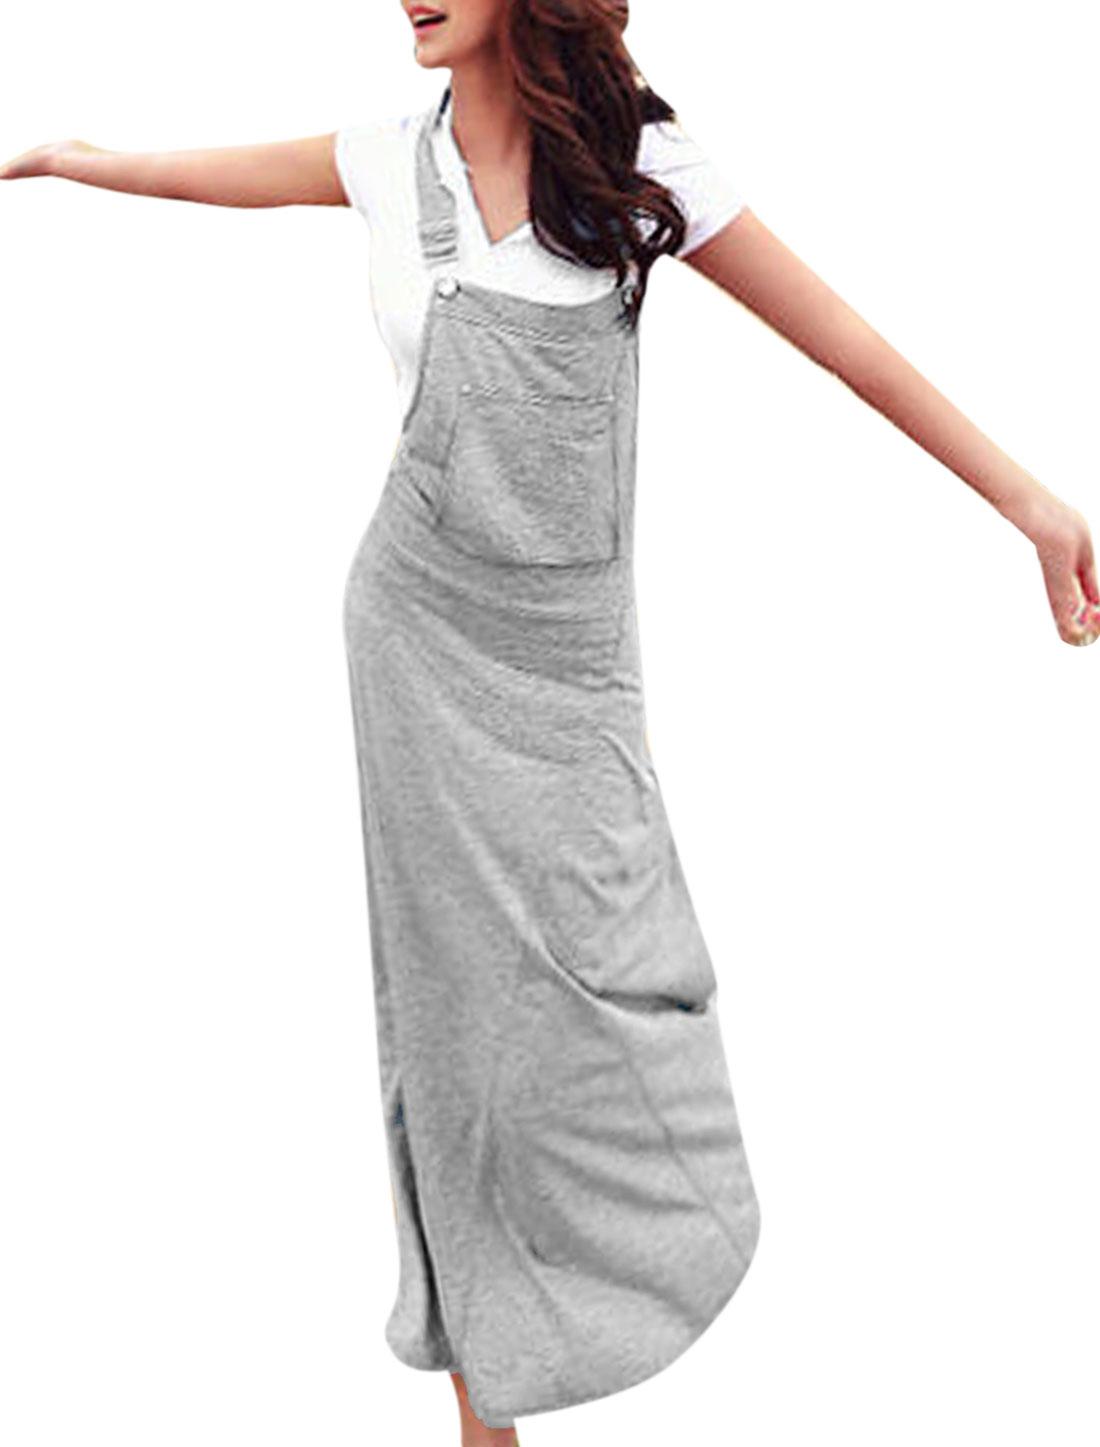 Women Full-Length Slim Fit Hooded Overall Dress Gray XS